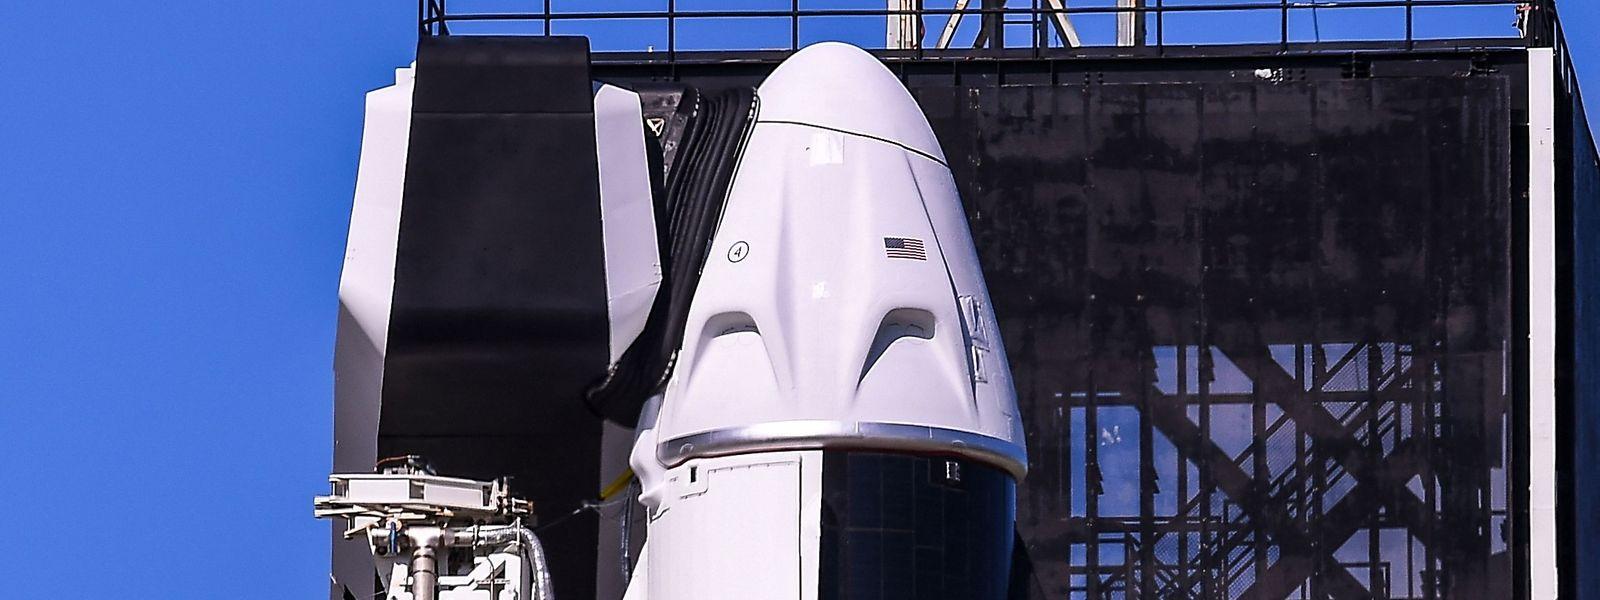 Tout un symbole, le premier vol sans astronaute professionnel a décollé du pas de tir de la fusée qui avait mené les premiers hommes sur la Lune.